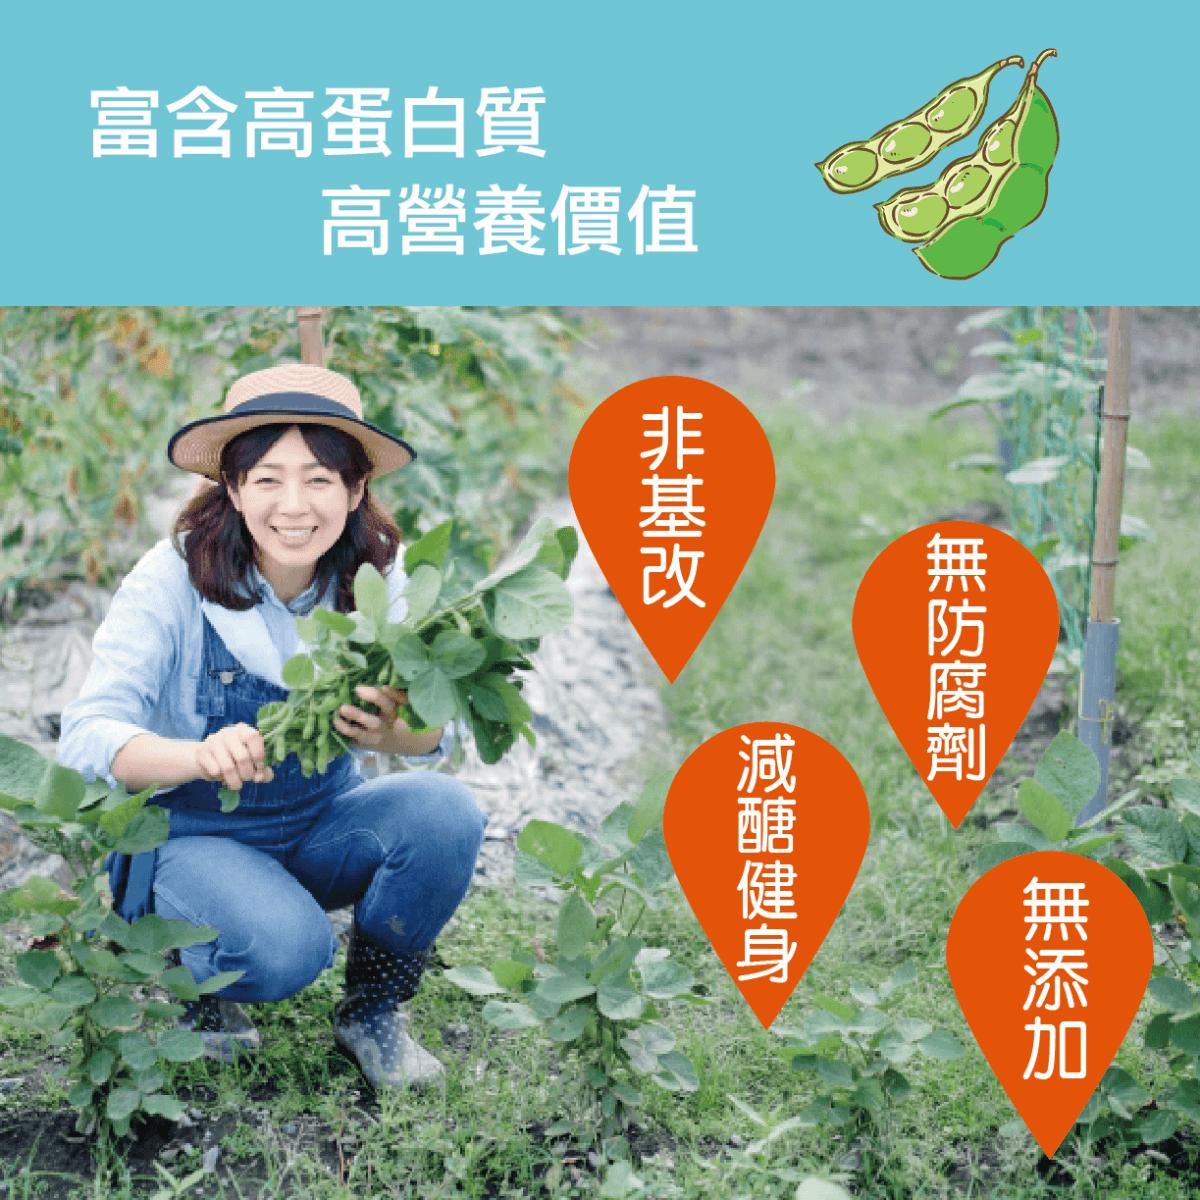 【田食原】新鮮冷凍毛豆仁 300g 養生即食 健康減醣 低碳飲食 健身餐  卵磷脂  冷凍蔬菜 3